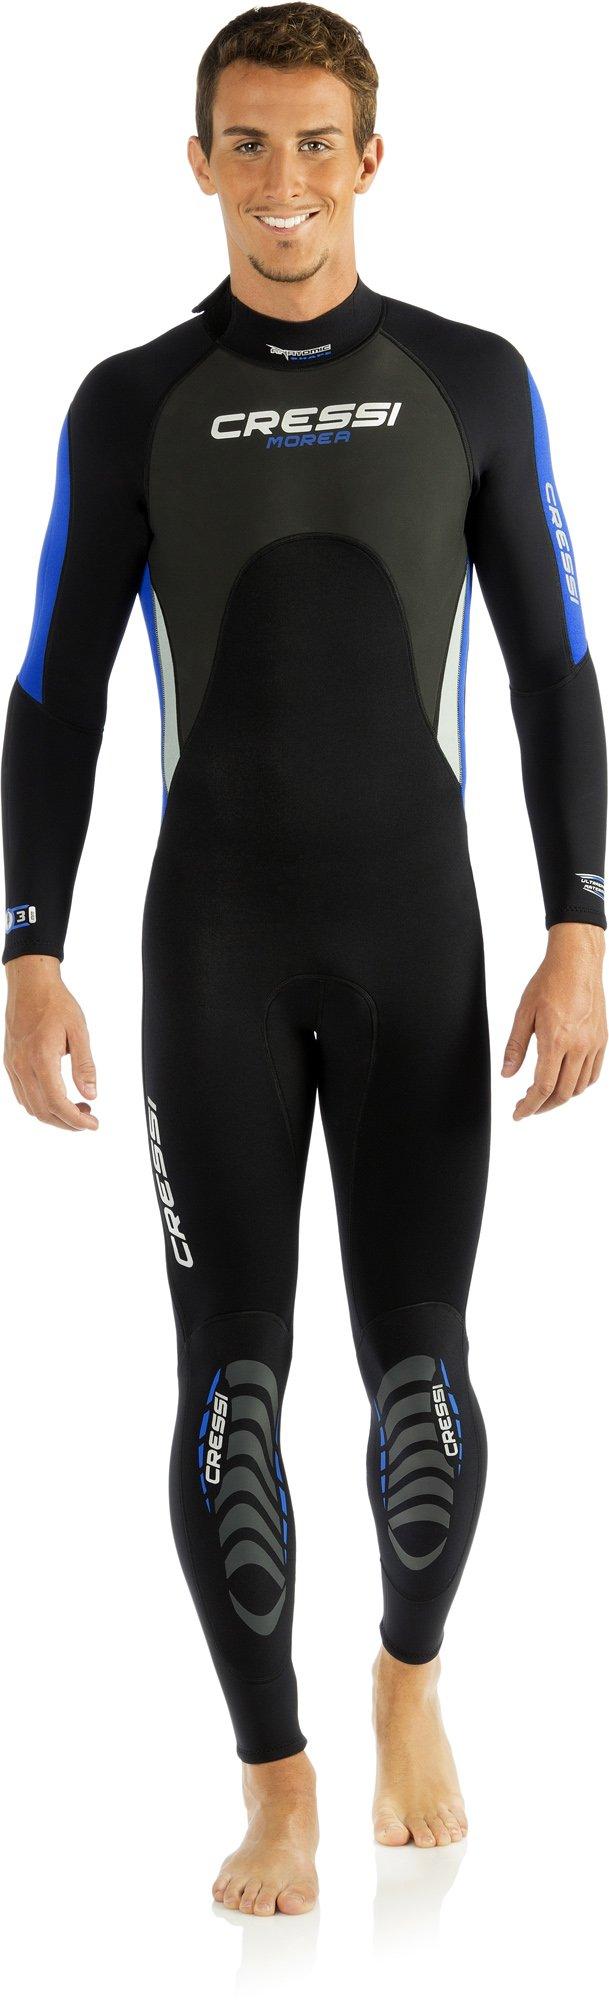 Men's Ultraspan Scuba Diving Wetsuit   Morea Man designed by Cressi: quality since 1946